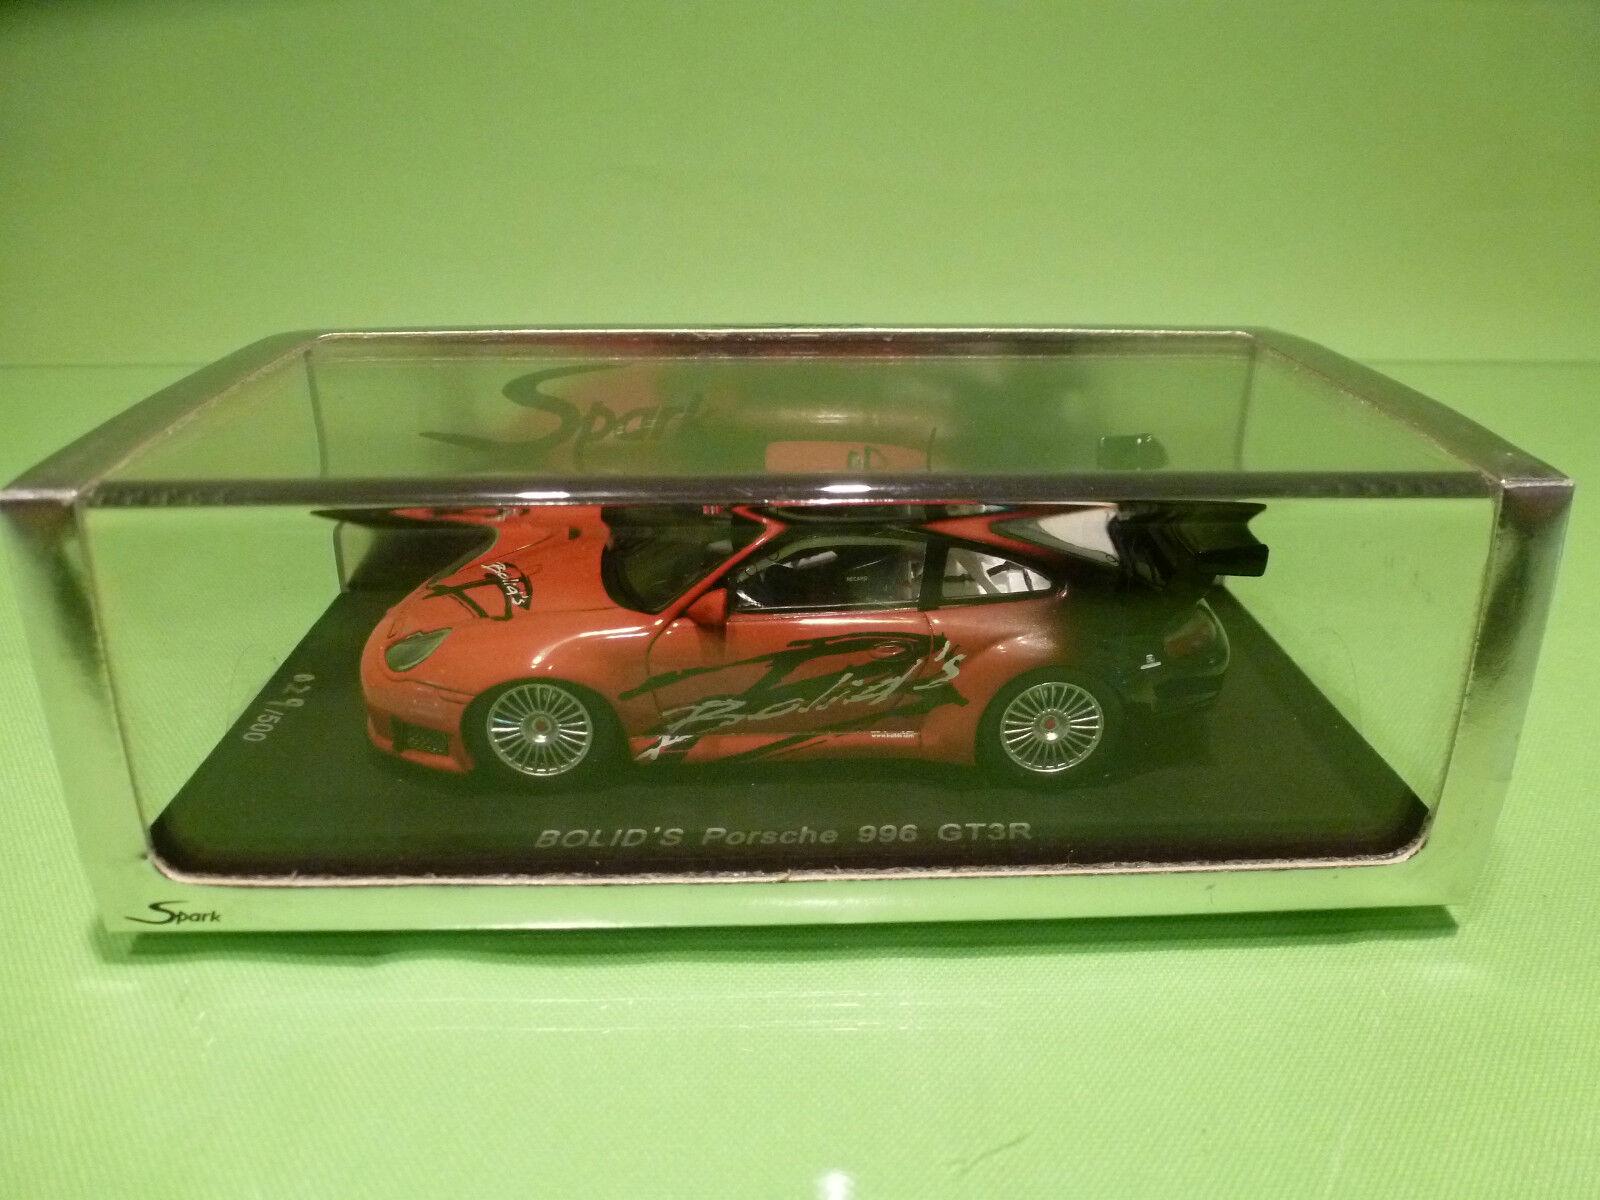 SPARK 1 43  PORSCHE 996 GT3R BOLID'S  029 500  - ORIGINAL BOX - IN MINT CONDITION  font des activités d'escompte